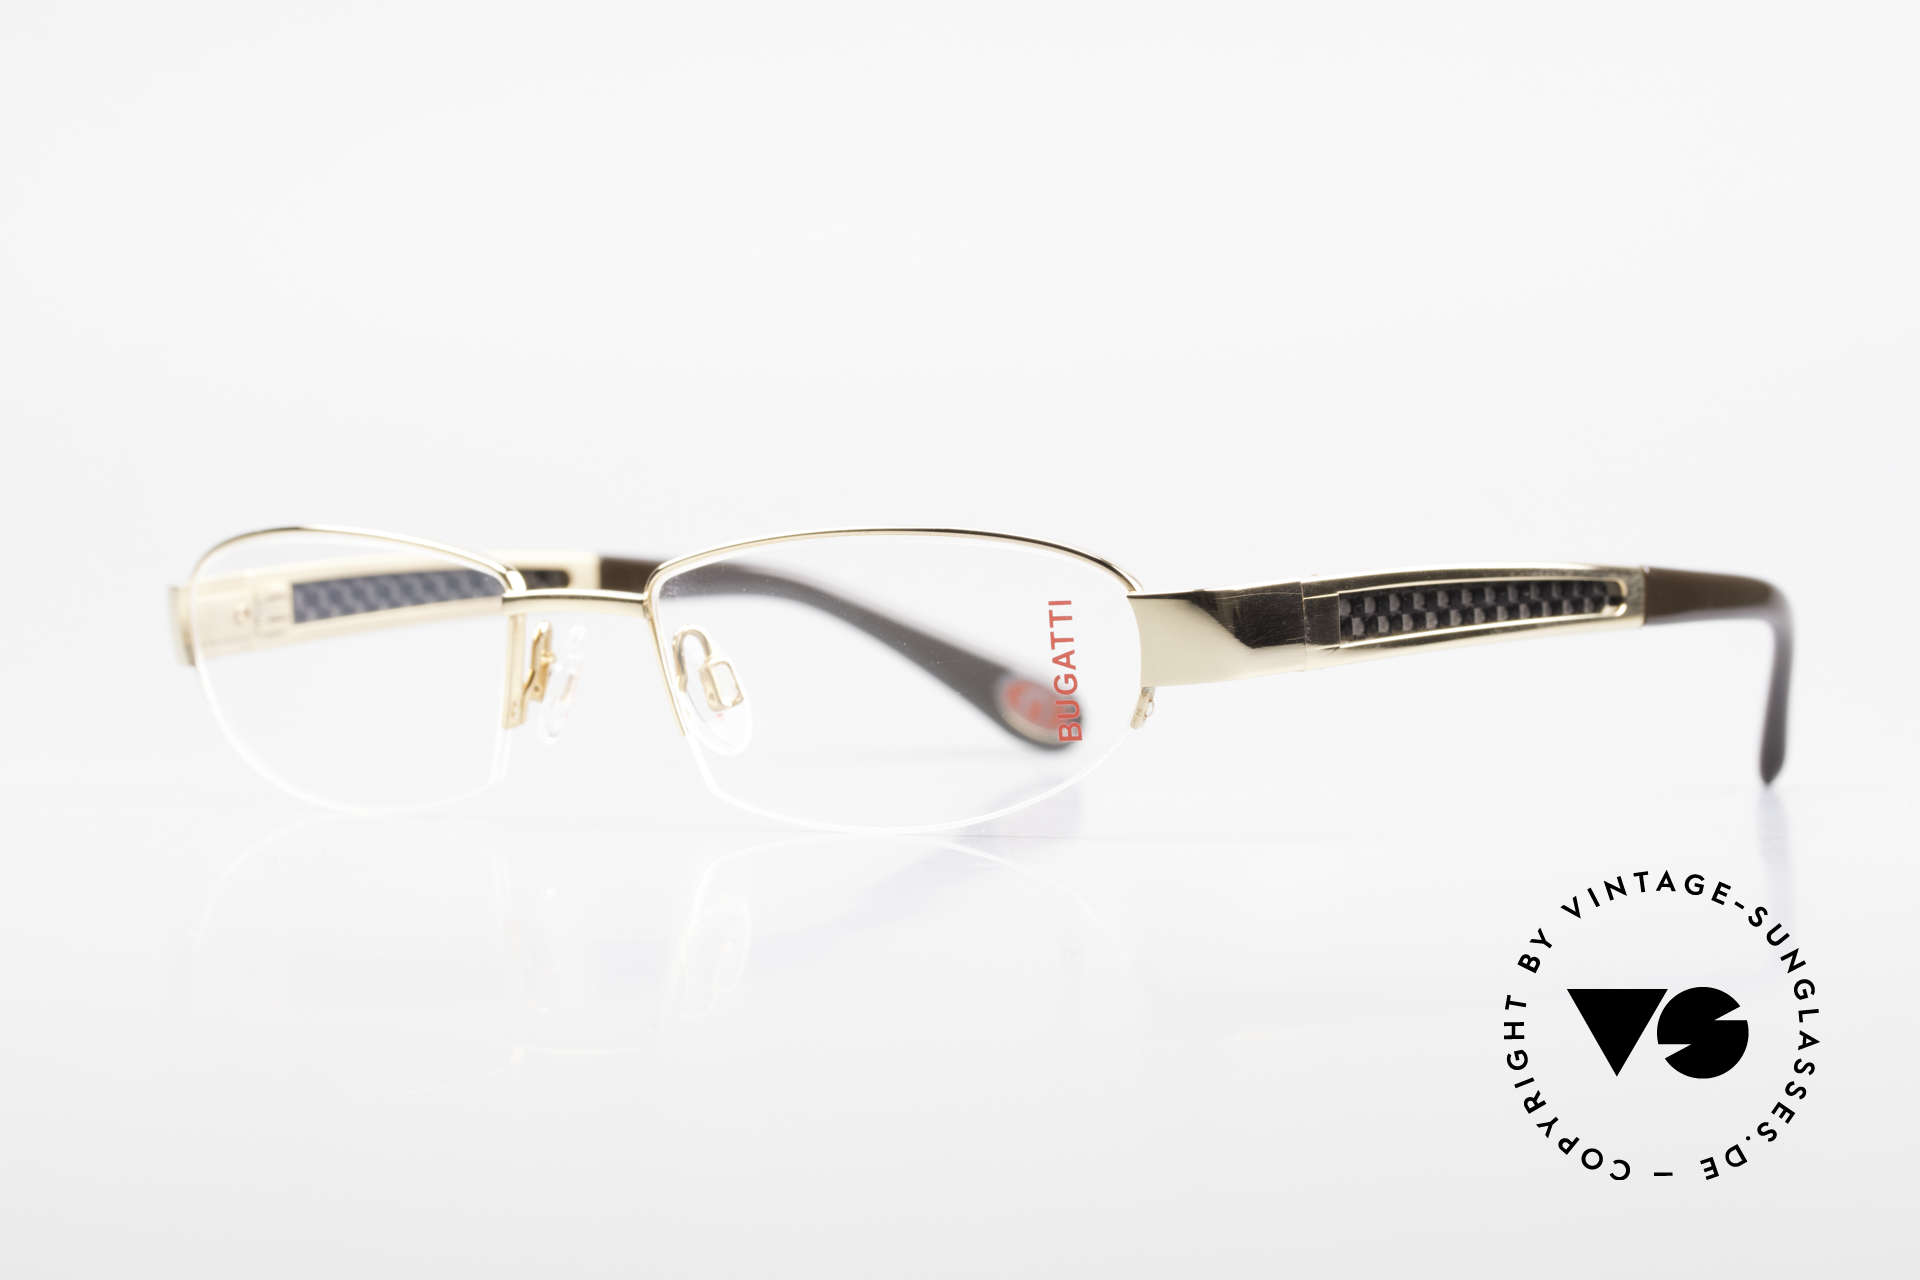 Bugatti 523 Carbon Titanium Gold Brille, Bügel-Inlays aus Carbon: sehr leicht & enorm robust, Passend für Herren